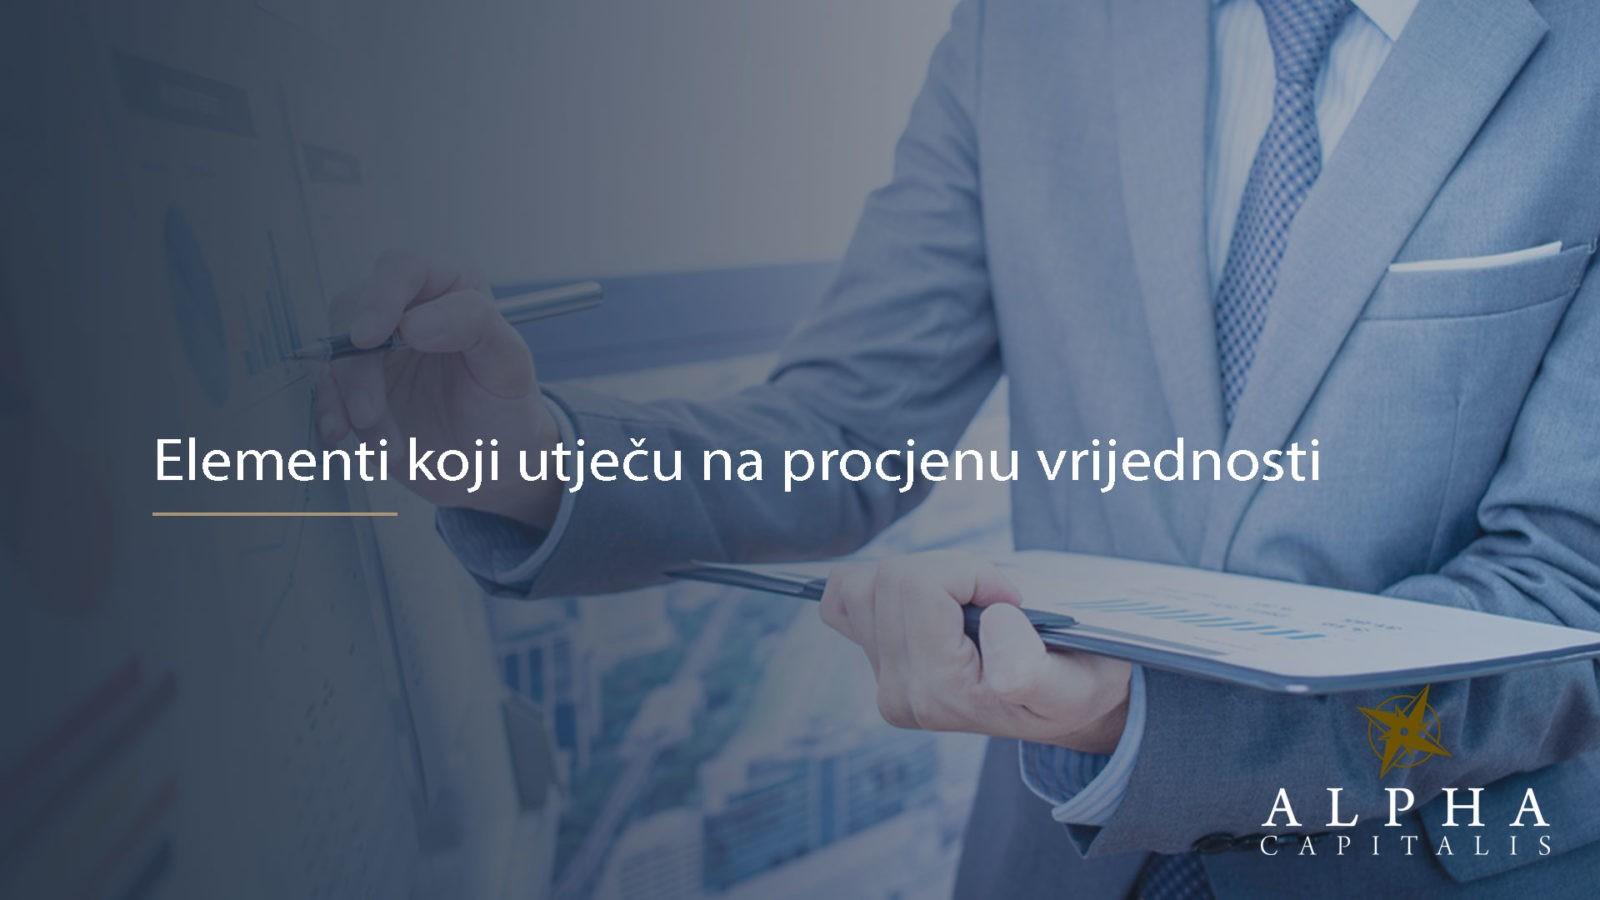 Procjena vrijednosti 2020 01 04 - Elementi koji utječu na procjenu vrijednosti kod pregovora između kupca i prodavatelja